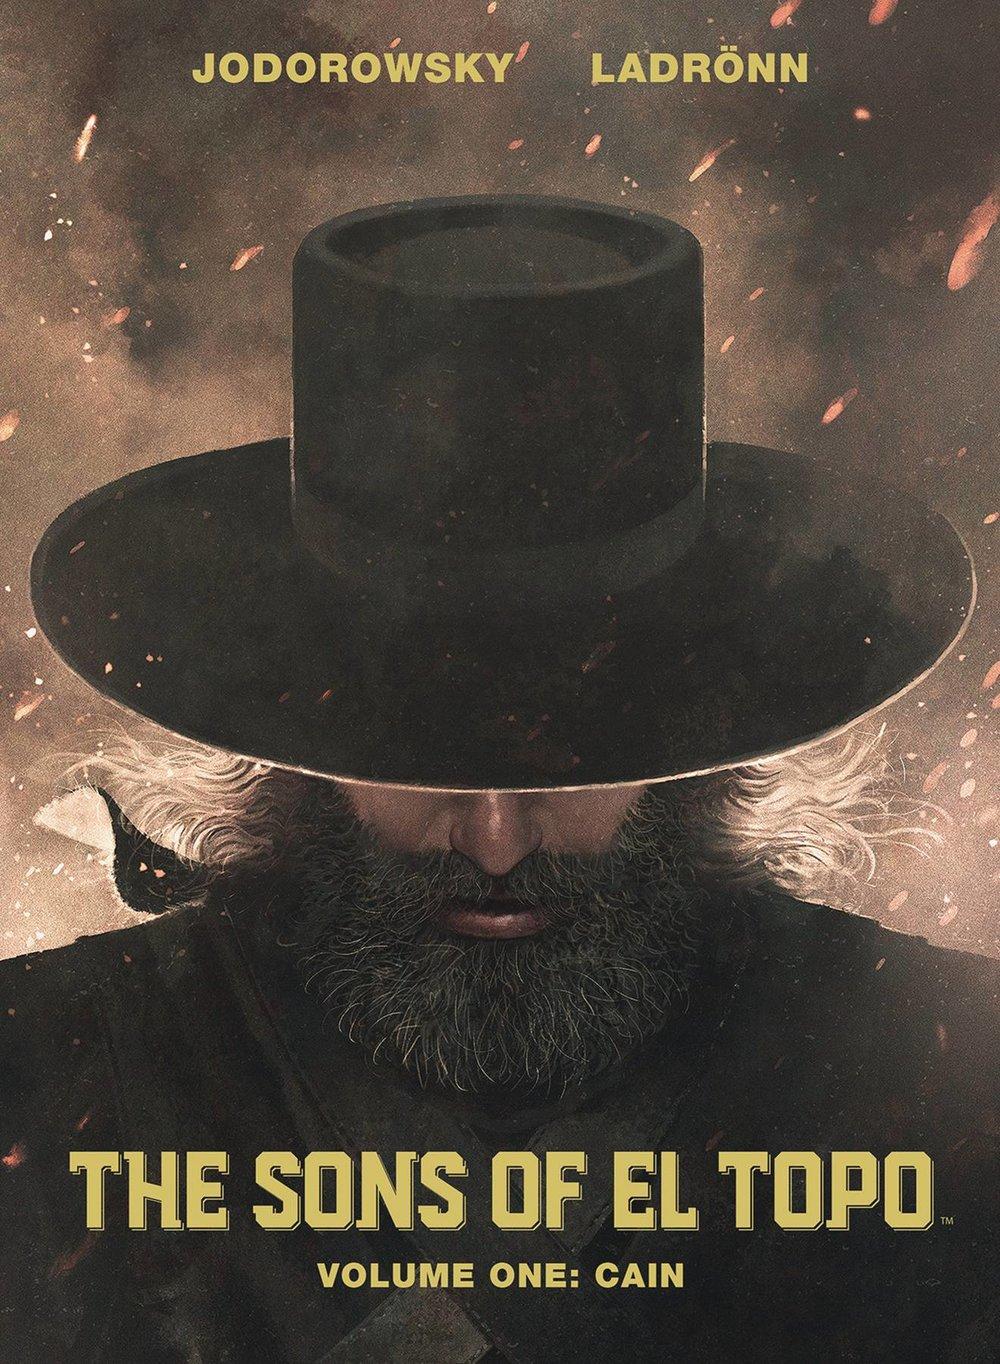 SONS OF EL TOPO ORIGINAL GN HC VOL 01